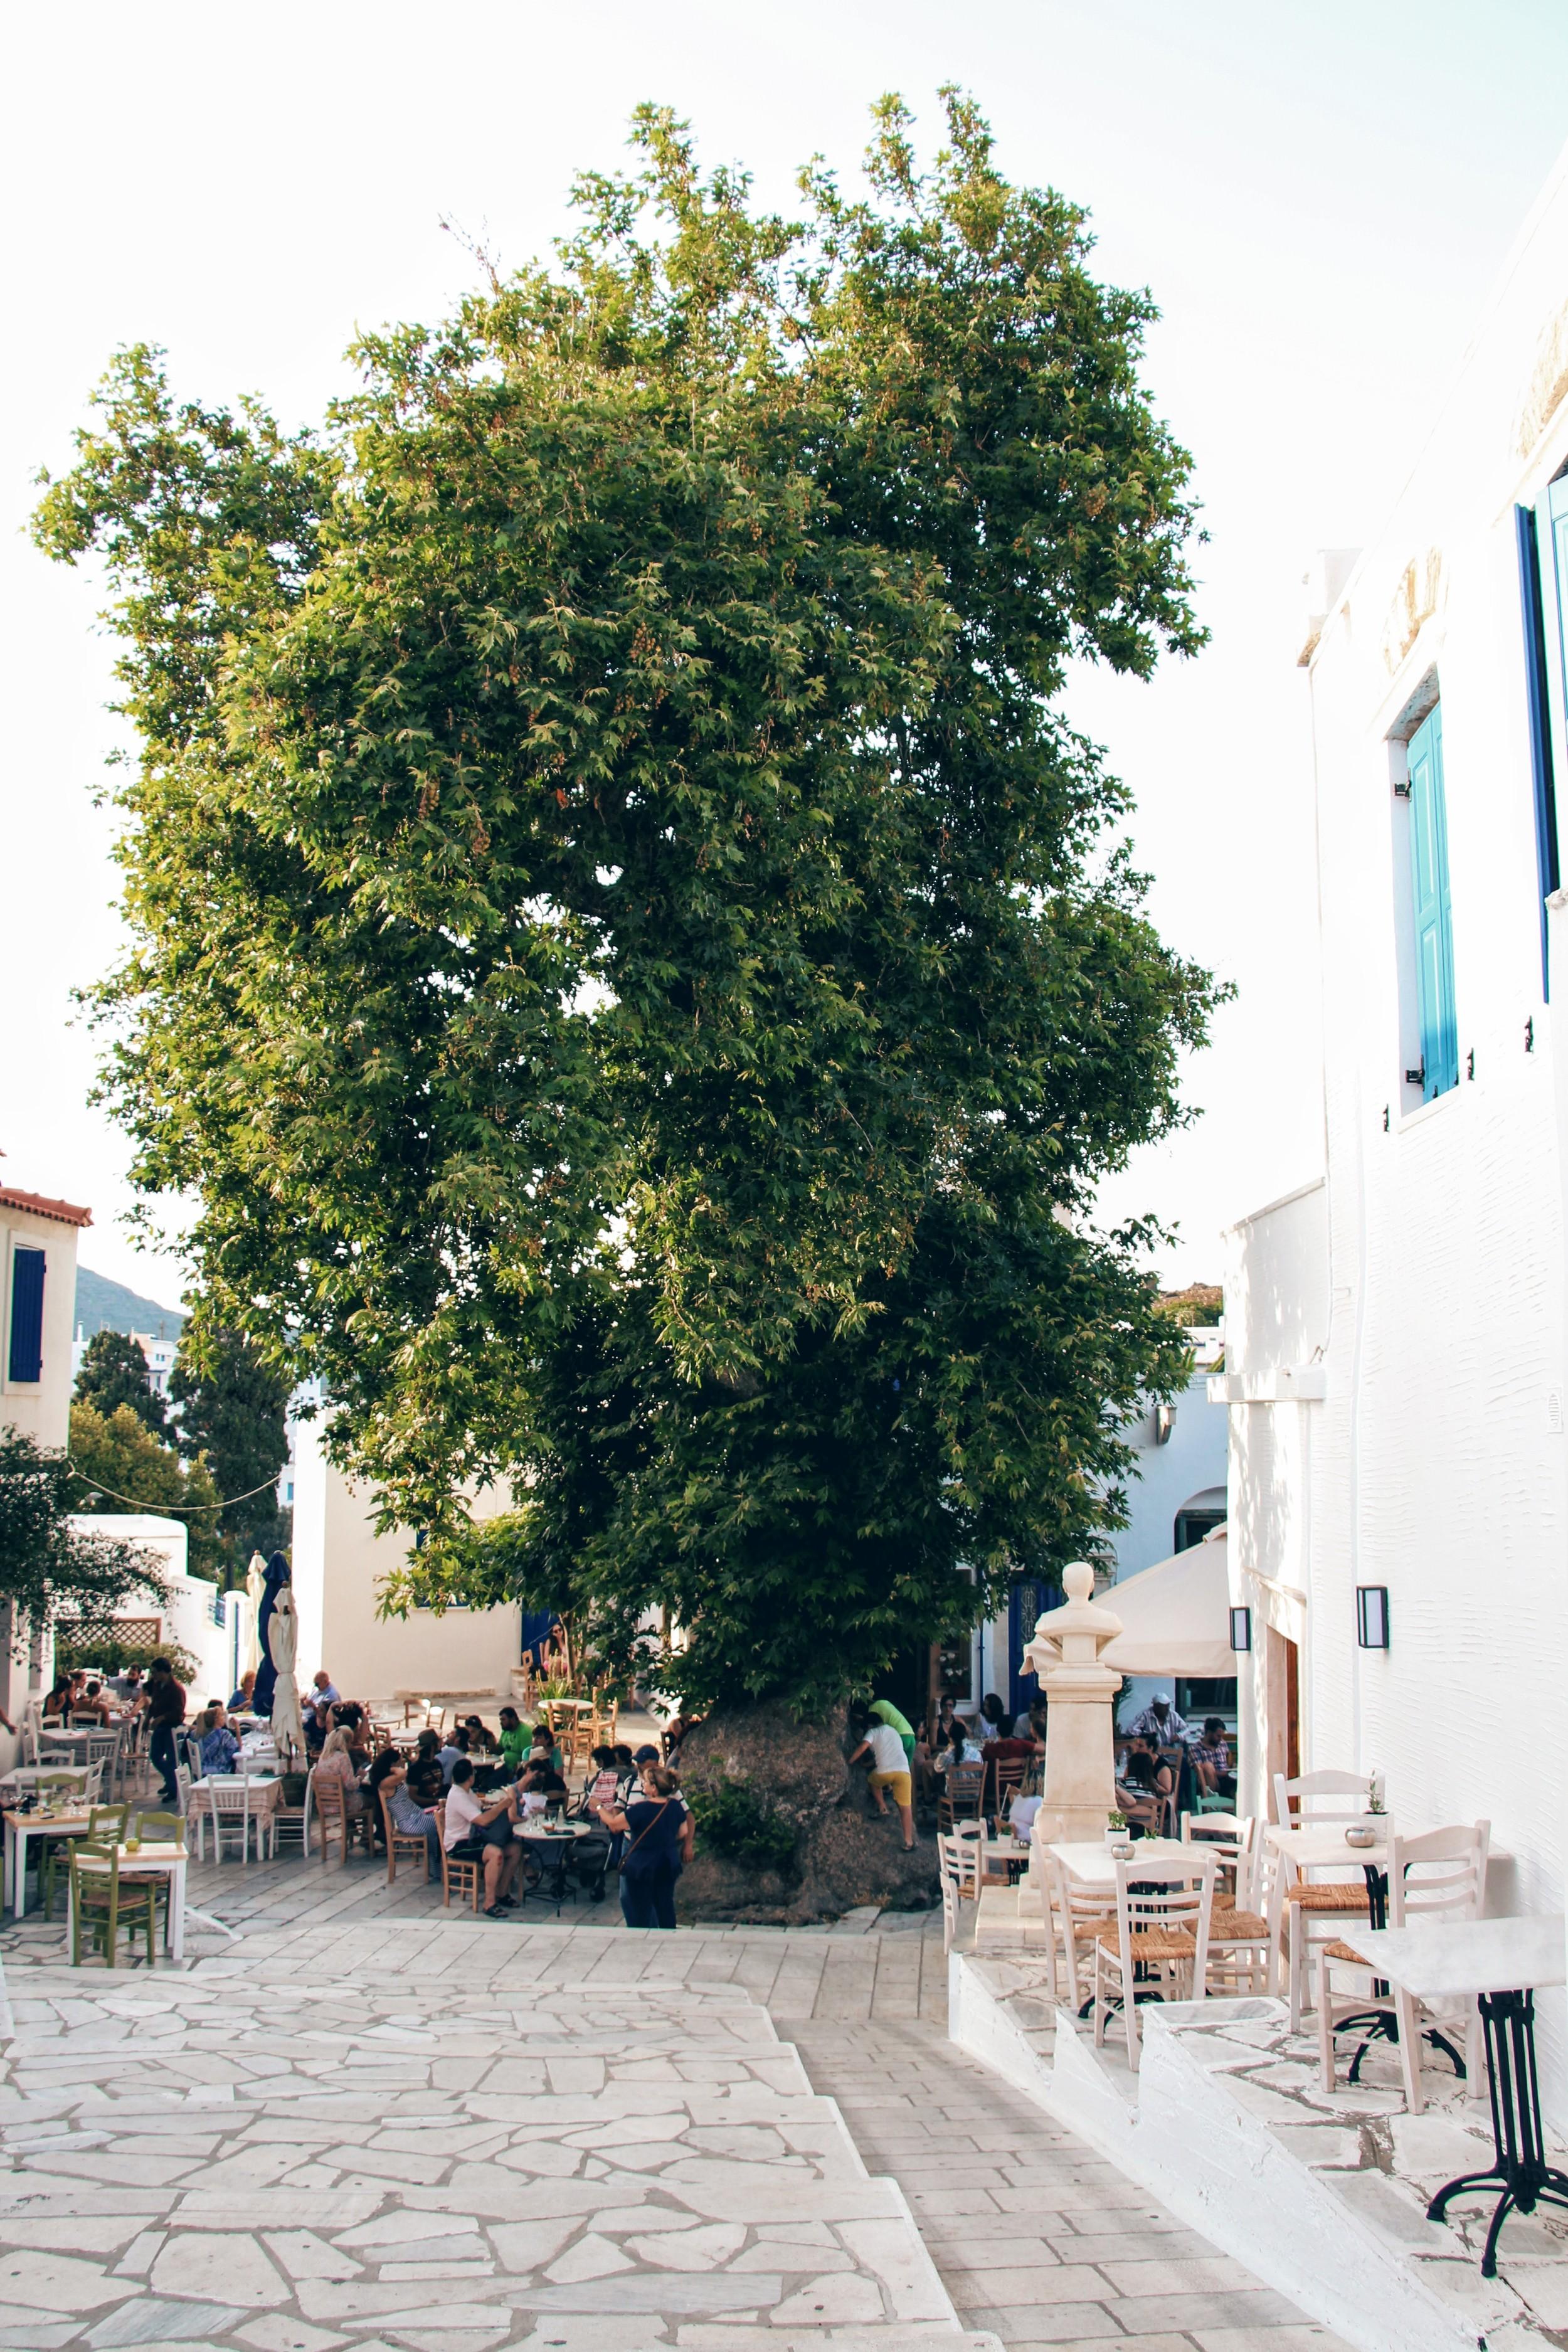 Tinos - Jun 2016 - 20160618 3356.jpg